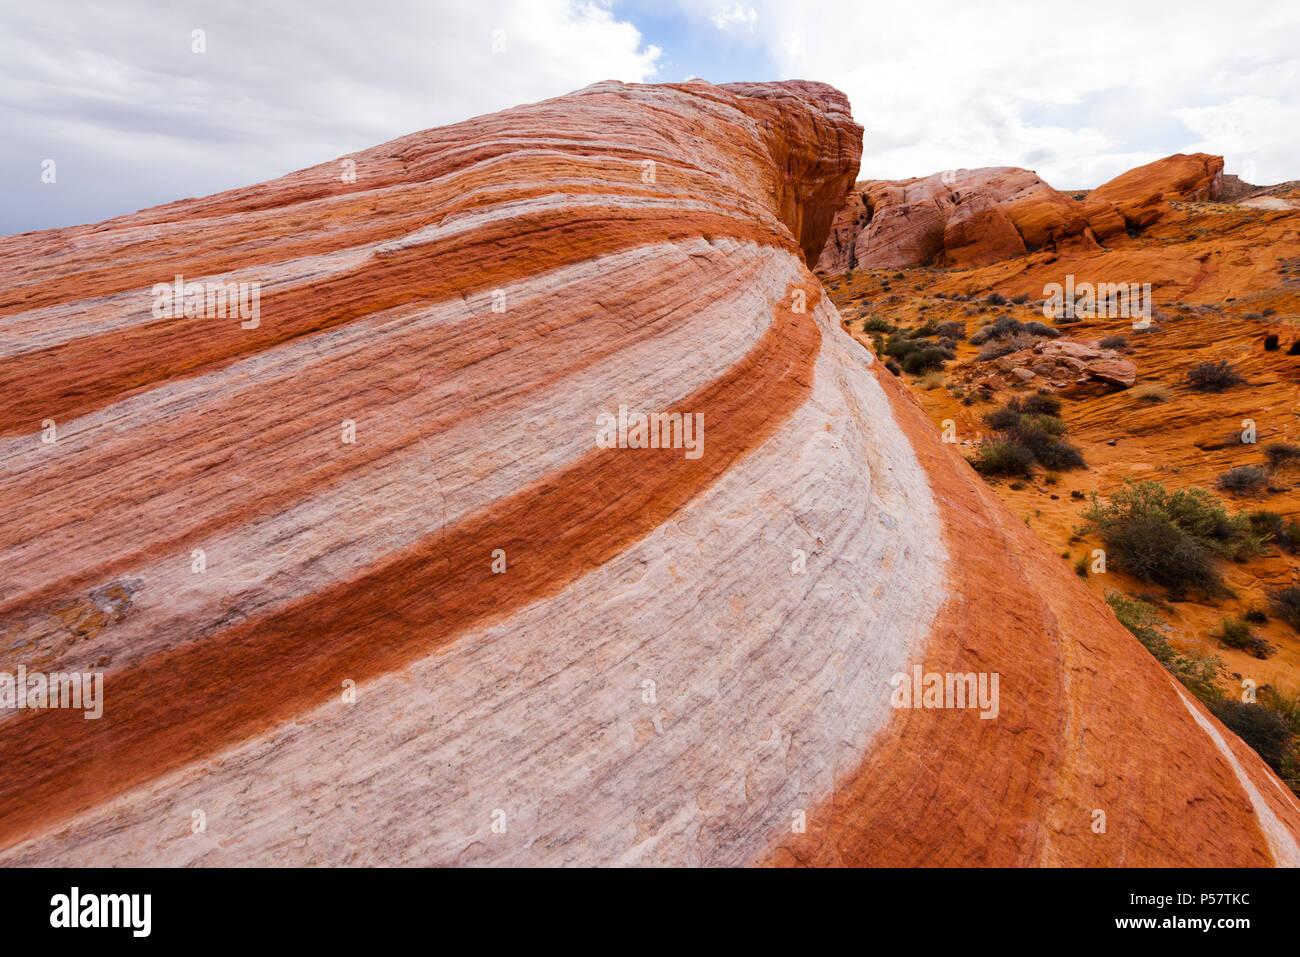 Der Brand Wave, eine von vielen Funktionen von versteinerten Sanddünen erstellt der einzigartigen Landschaft des Valley of Fire State Park im südlichen Nevada erstellen über Stockfoto